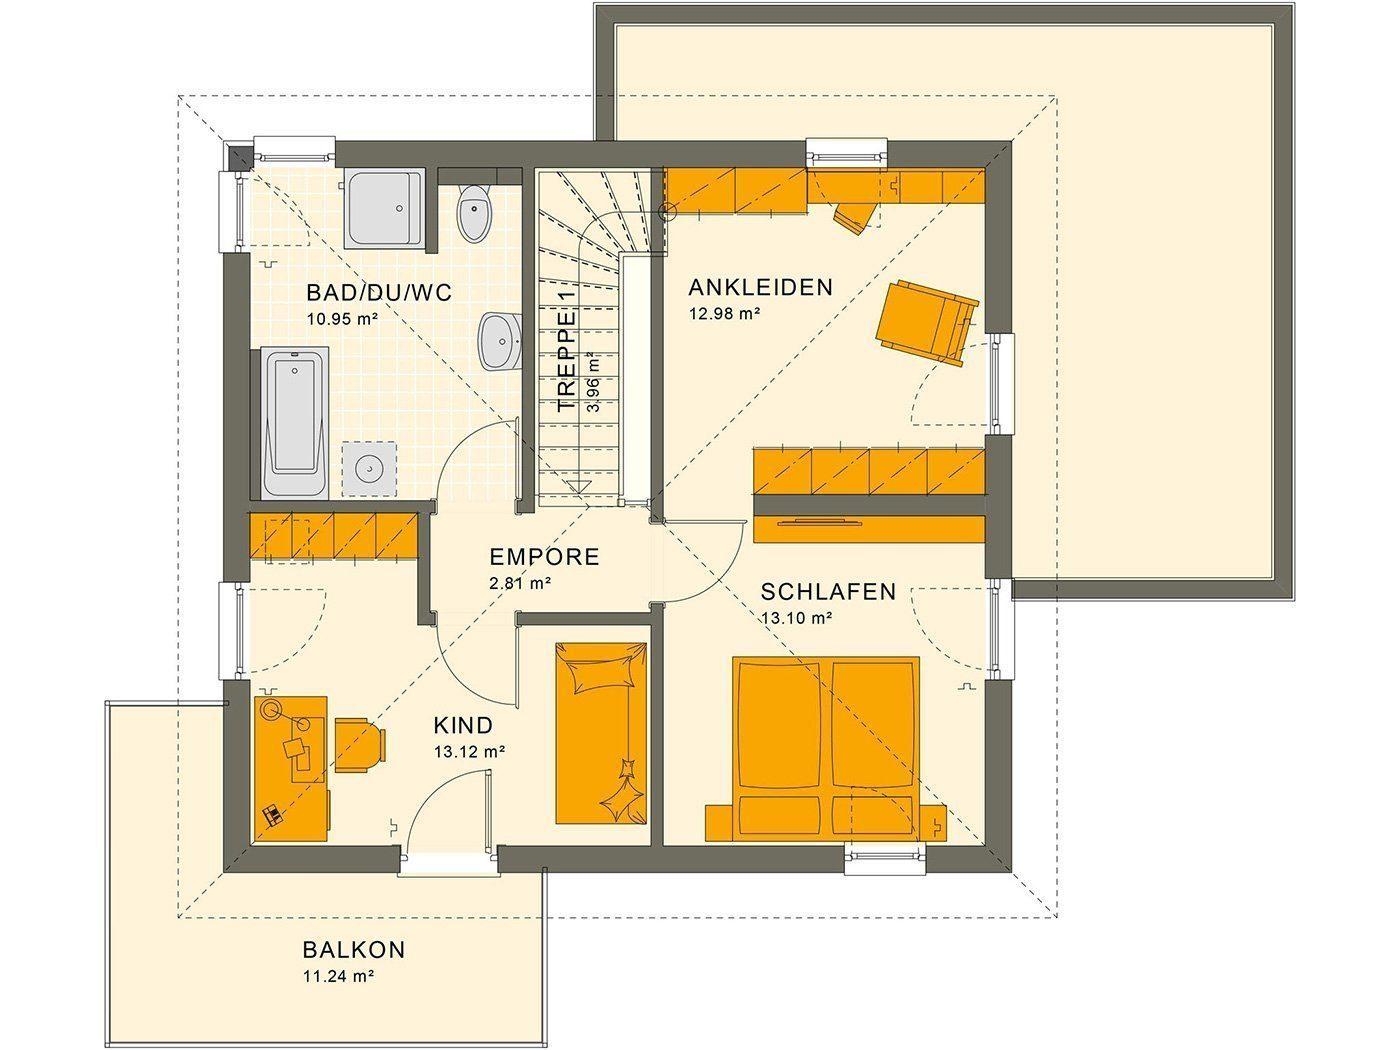 SUNSHINE 113 V7 - Eine Nahaufnahme von einer Karte - Haus